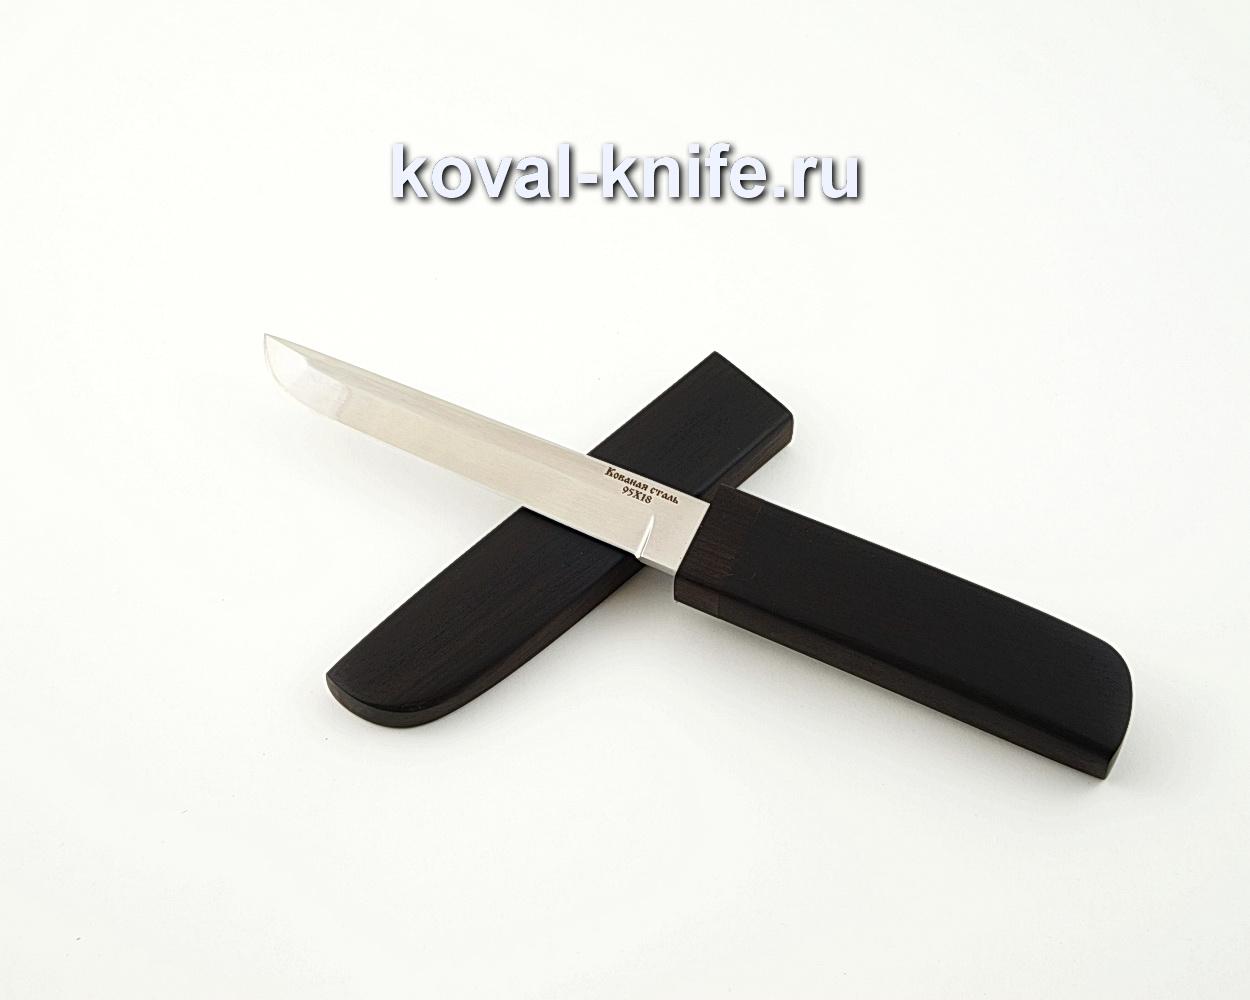 Нож Кобун из кованой стали 95х18 в деревянных ножнах из граба A594